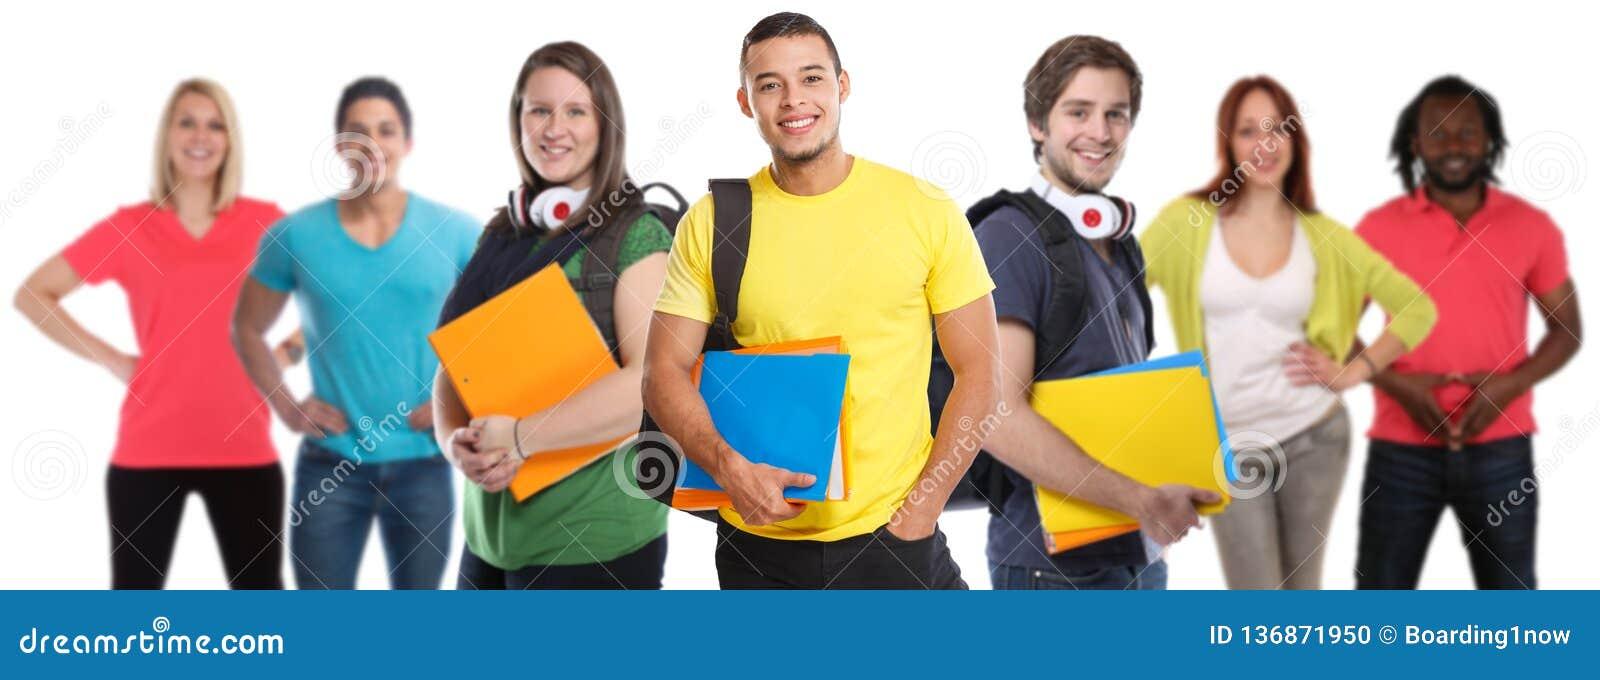 El grupo de gente joven del estudiante universitario de los estudiantes estudia feliz sonriente de la educación aislada en blanco